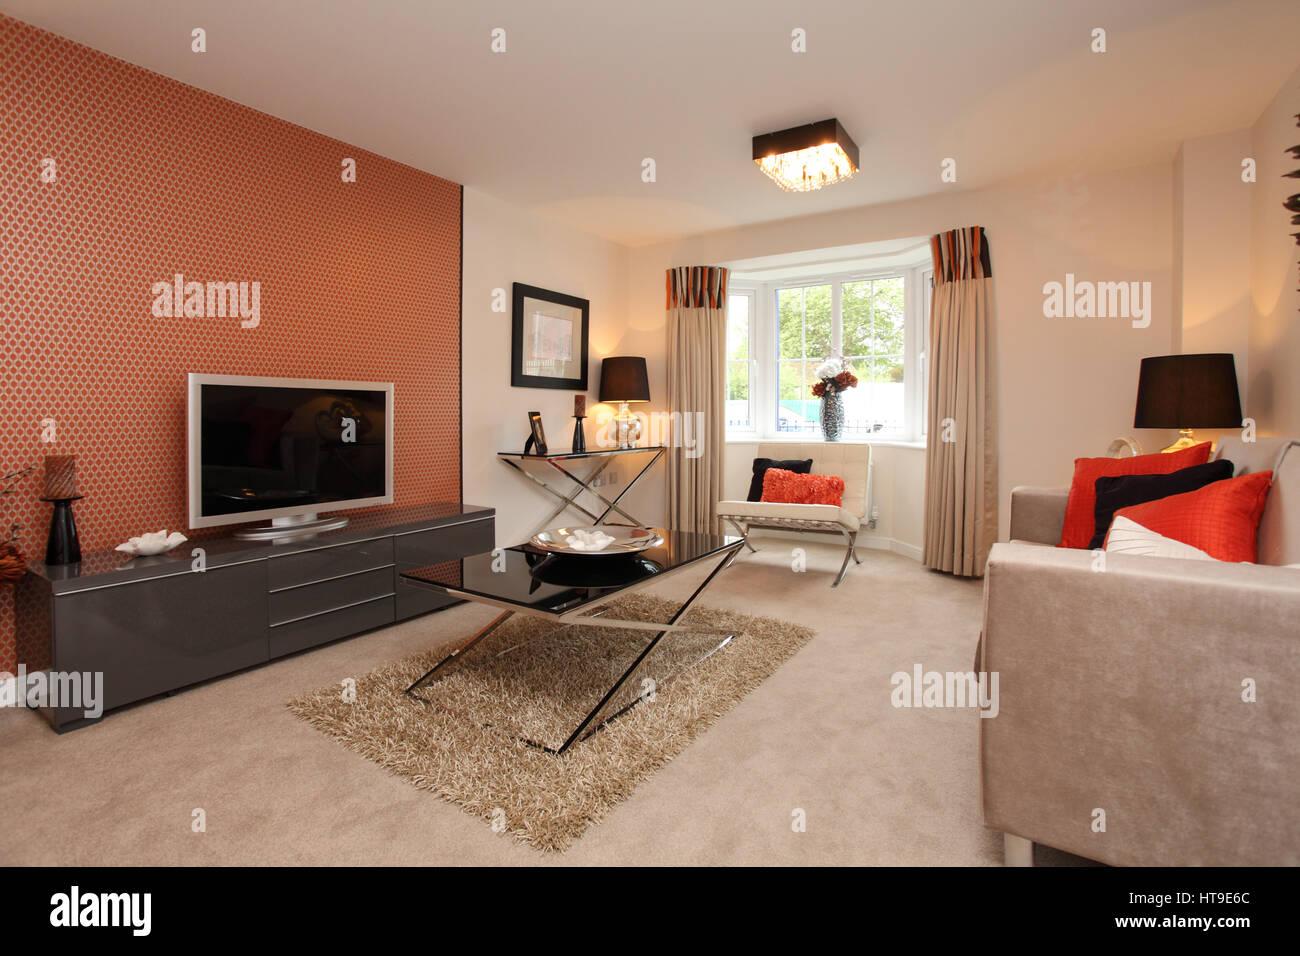 Wohnlandschaft. Wohnzimmer, orange Wand, Wand-Funktion, Couchtisch ...